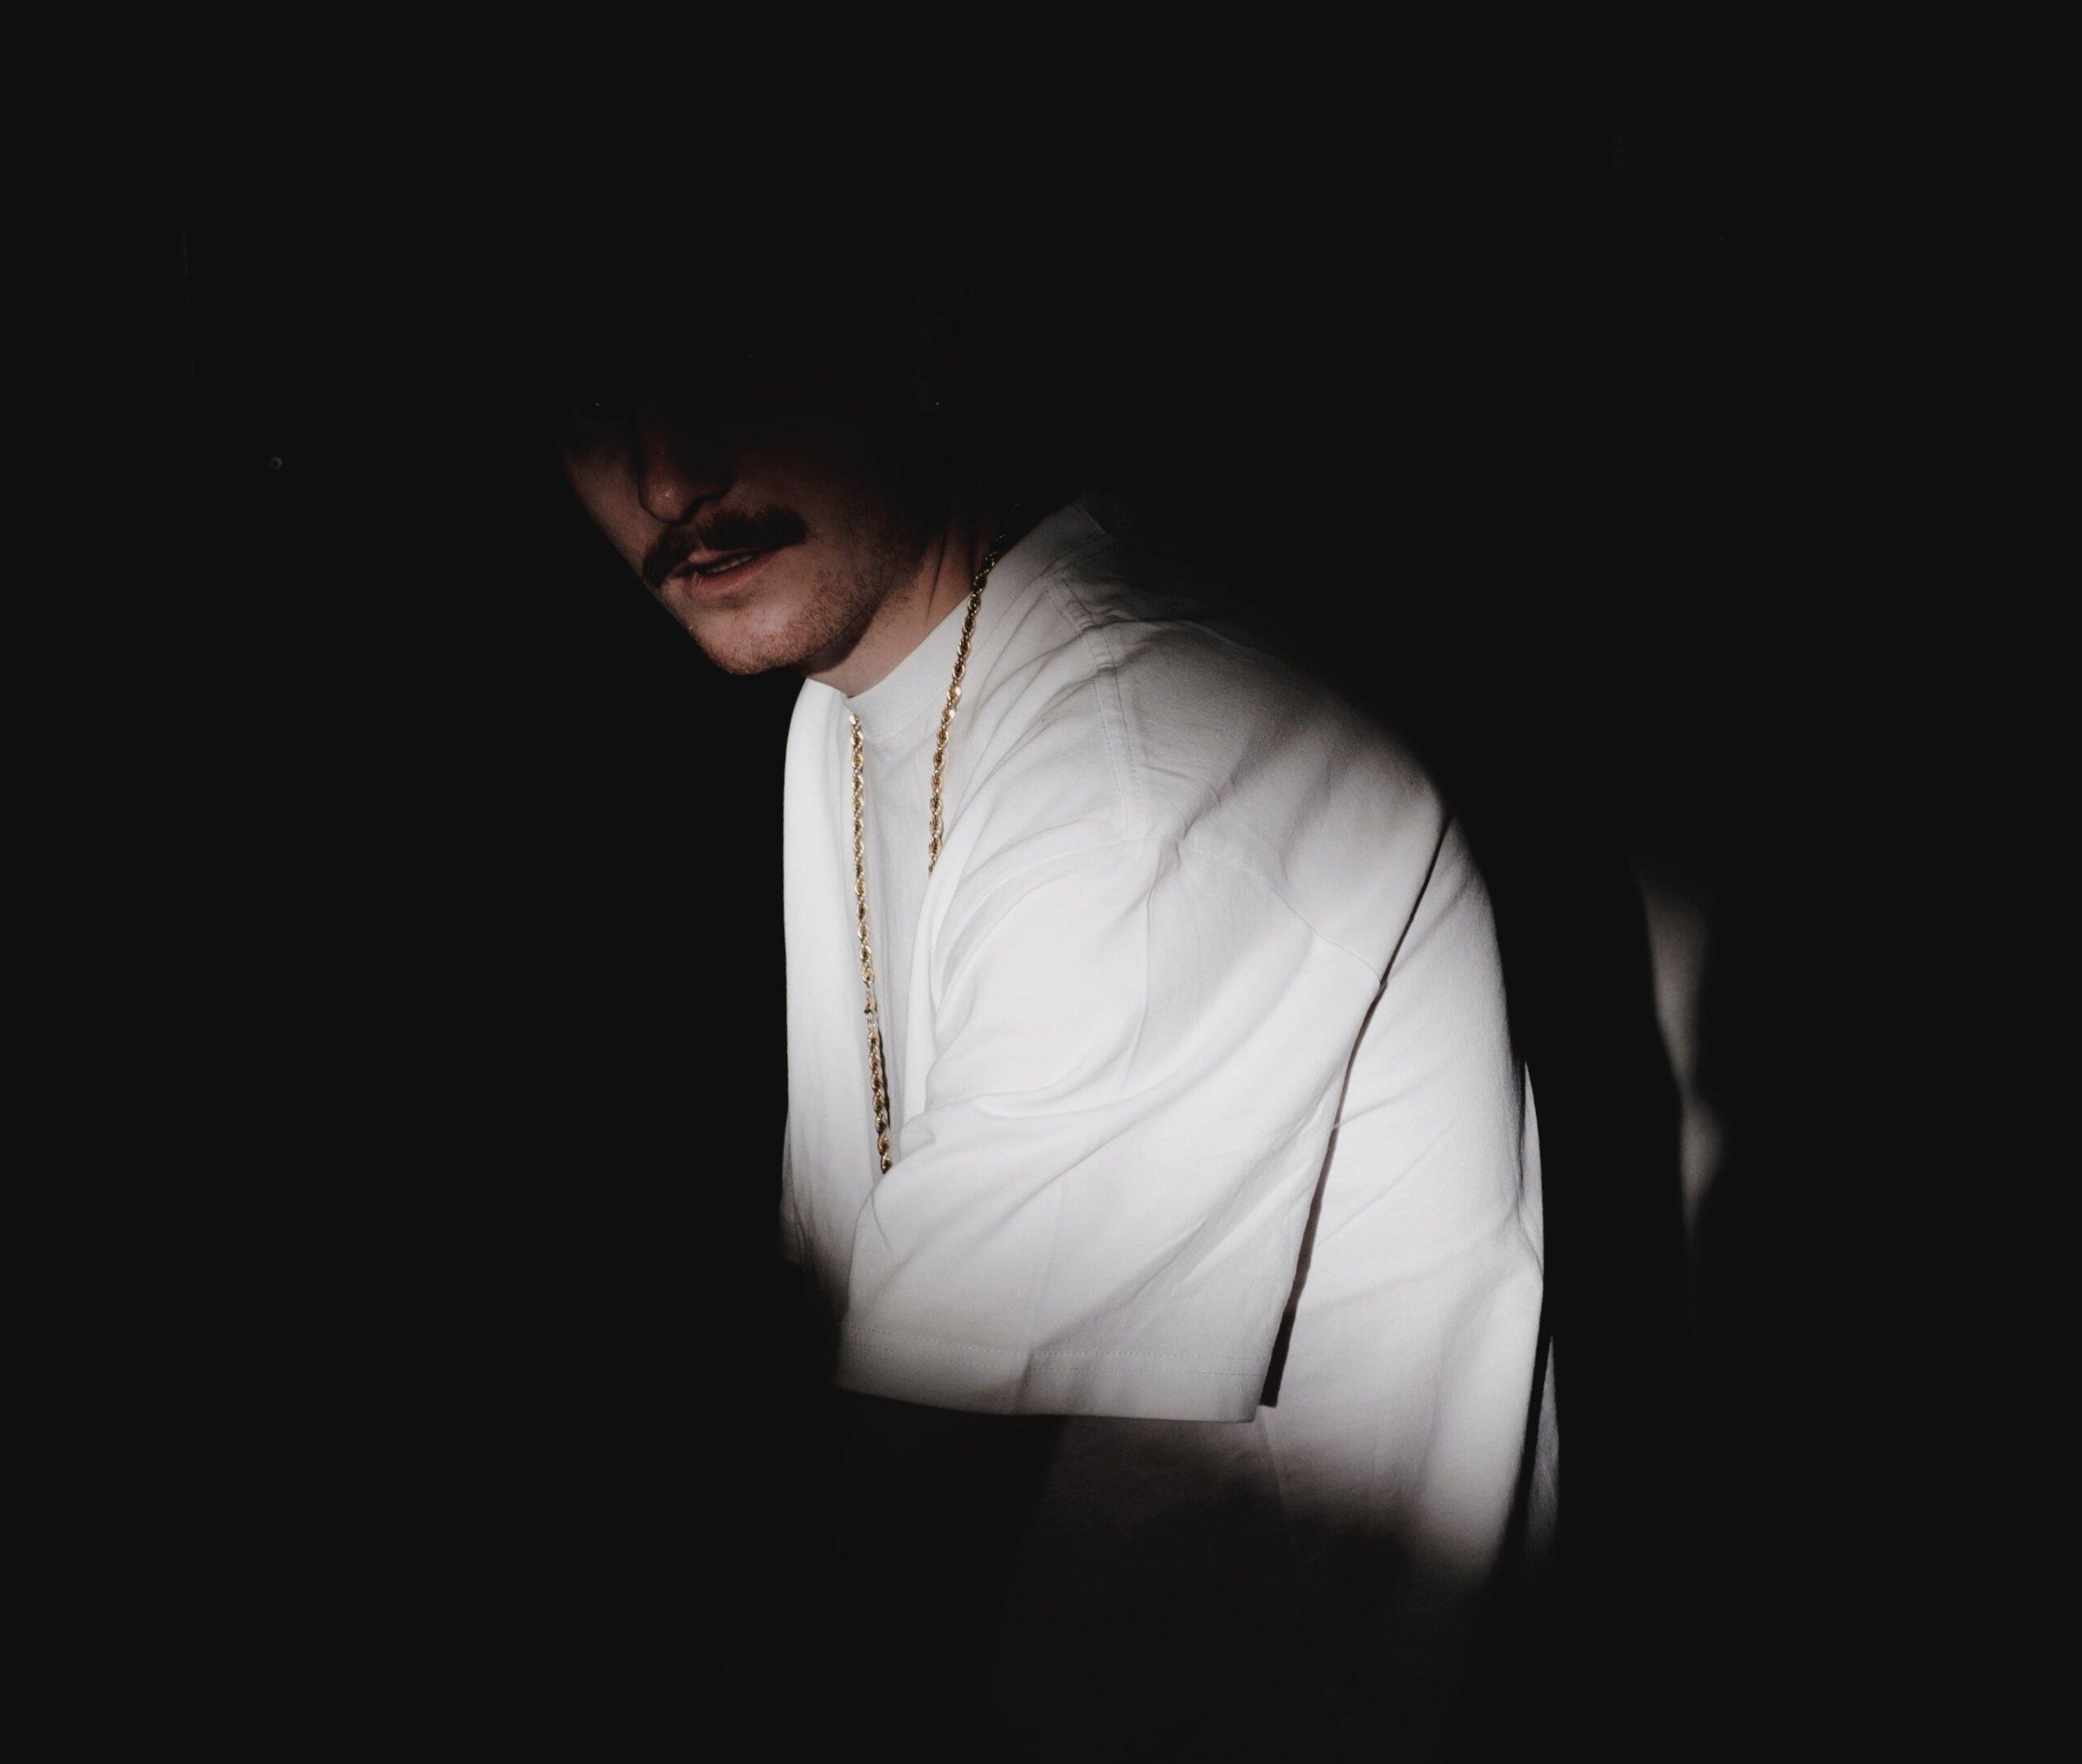 čovek u mraku